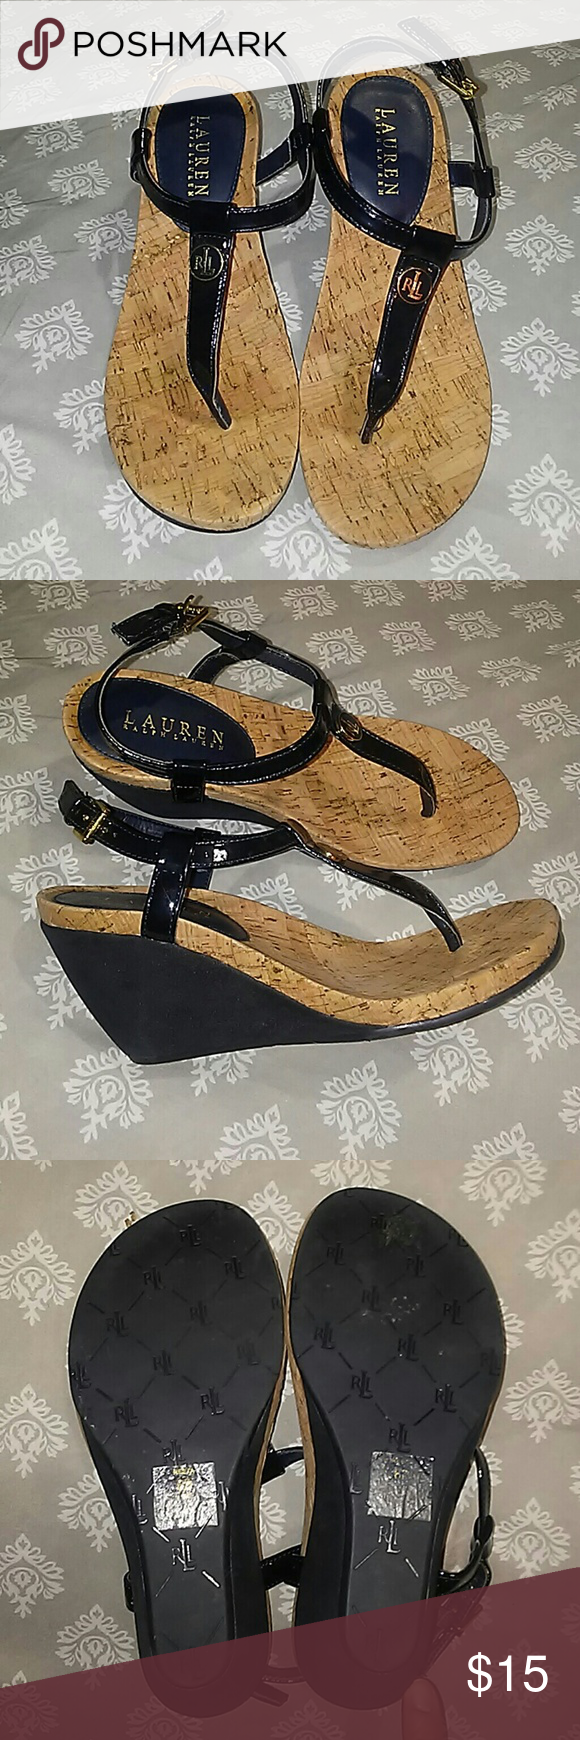 Ralph Lauren wedge sandals | Wedge